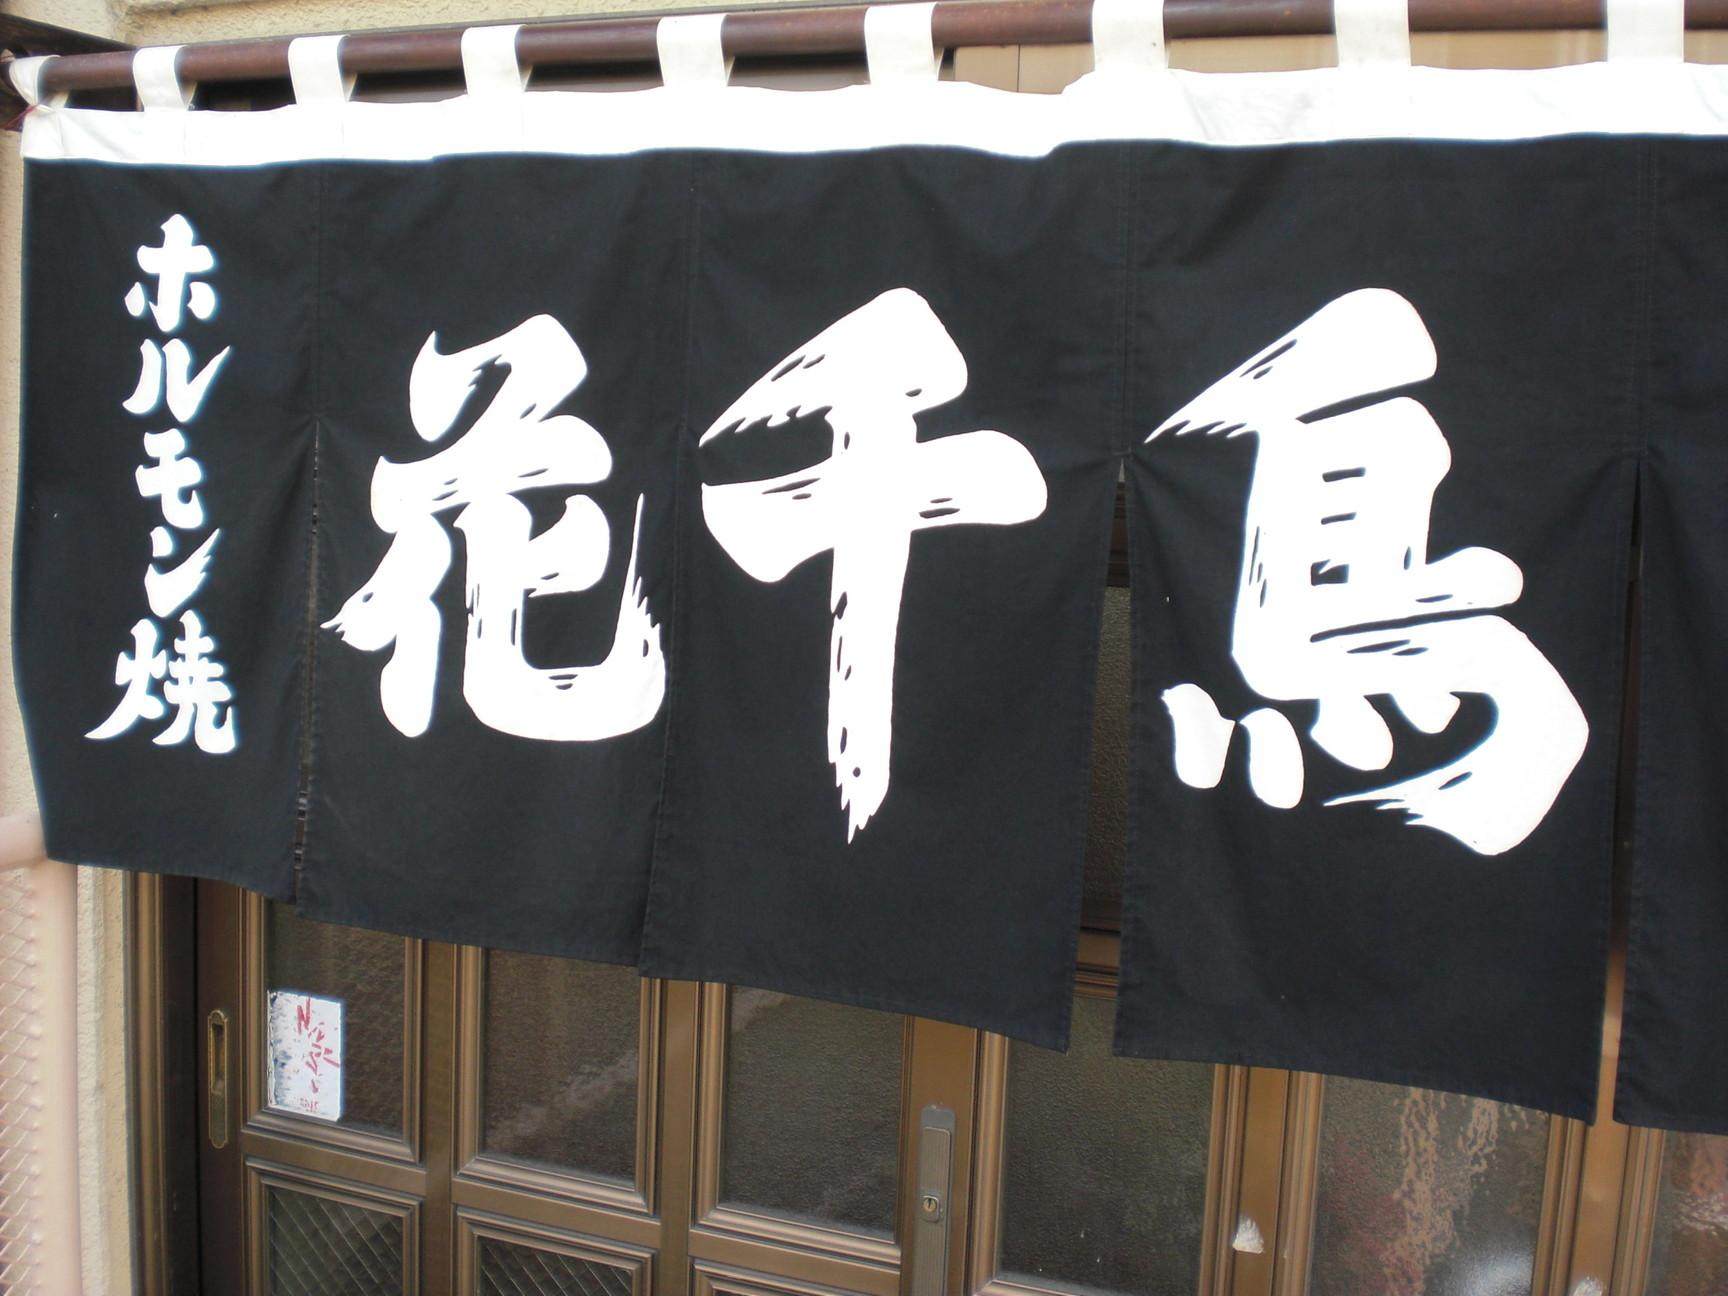 花千鳥 name=